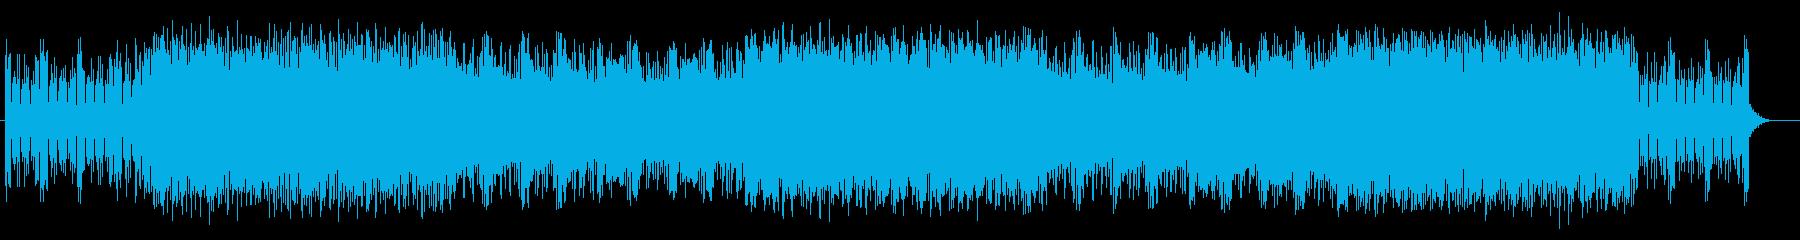 リズミカルなピアノが特徴の激しいポップスの再生済みの波形